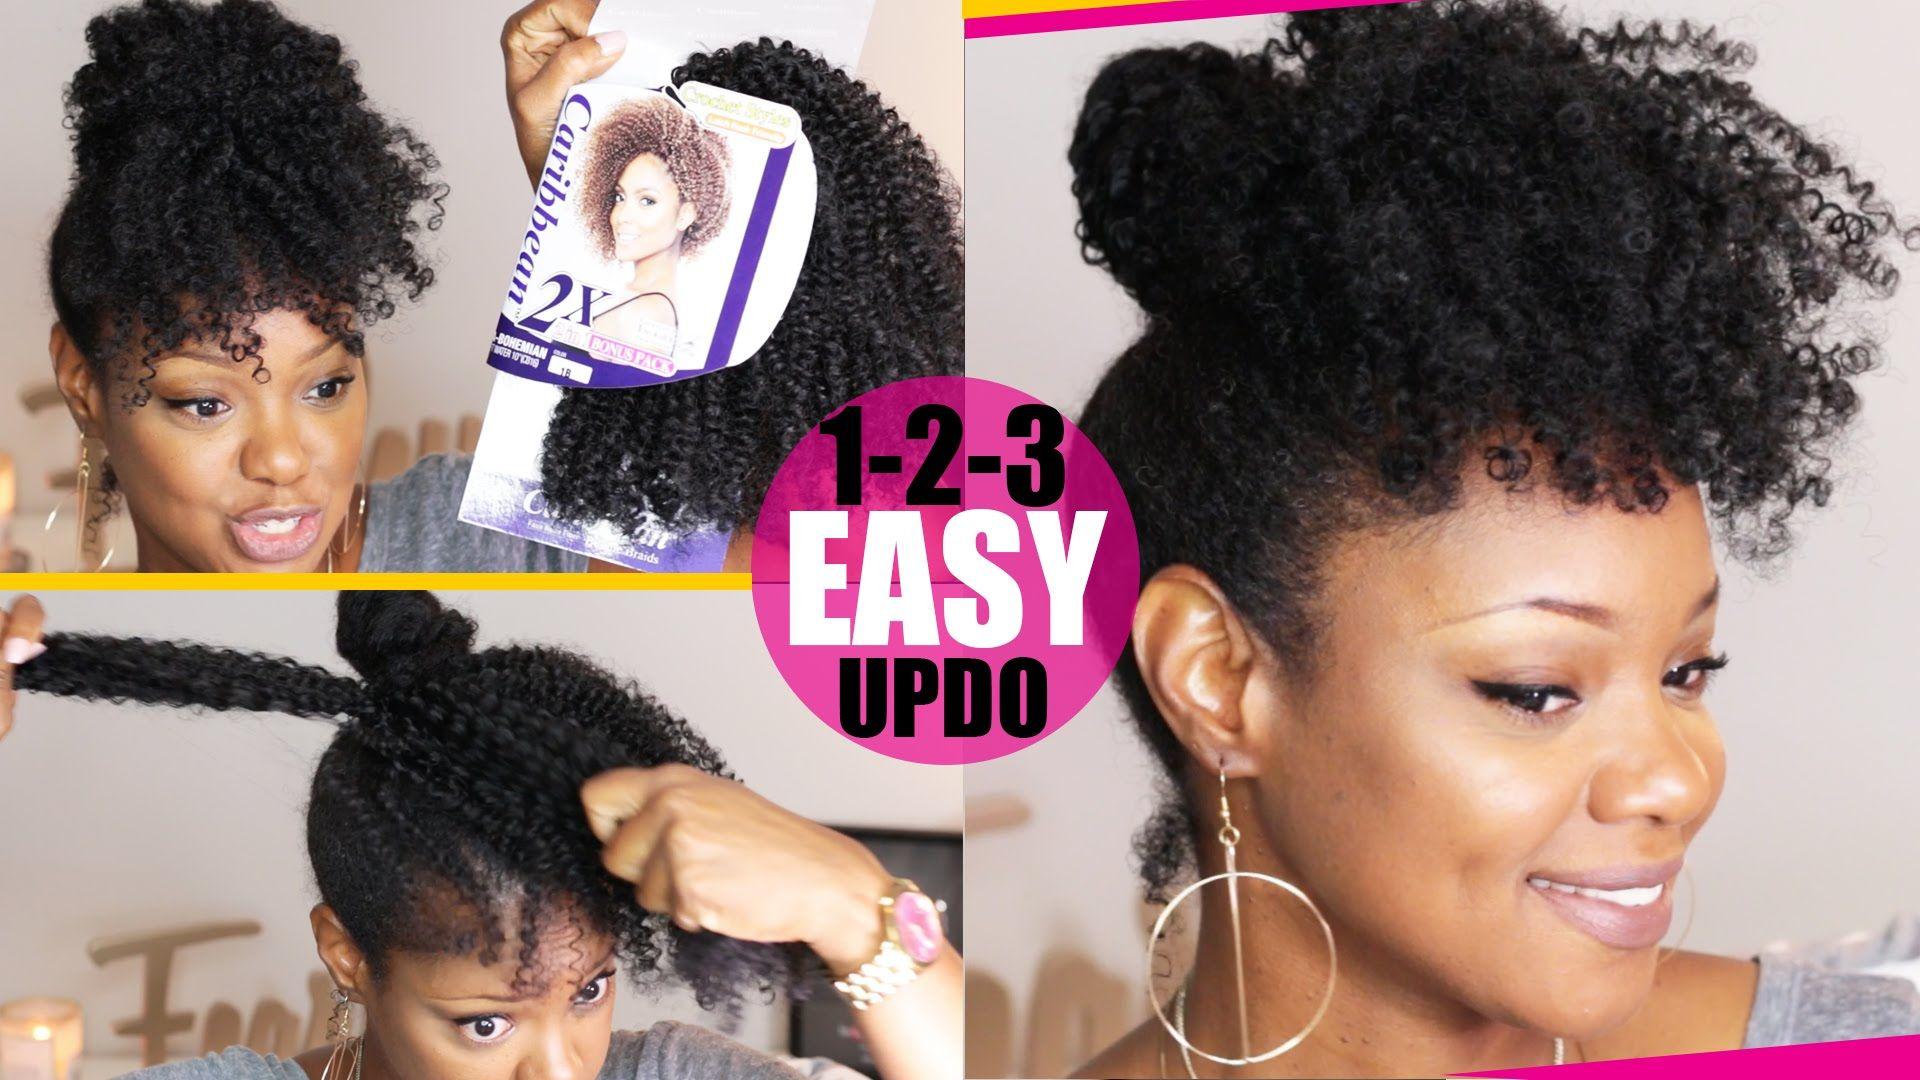 crochet braid (no braid) curly updo natural hair tutorial